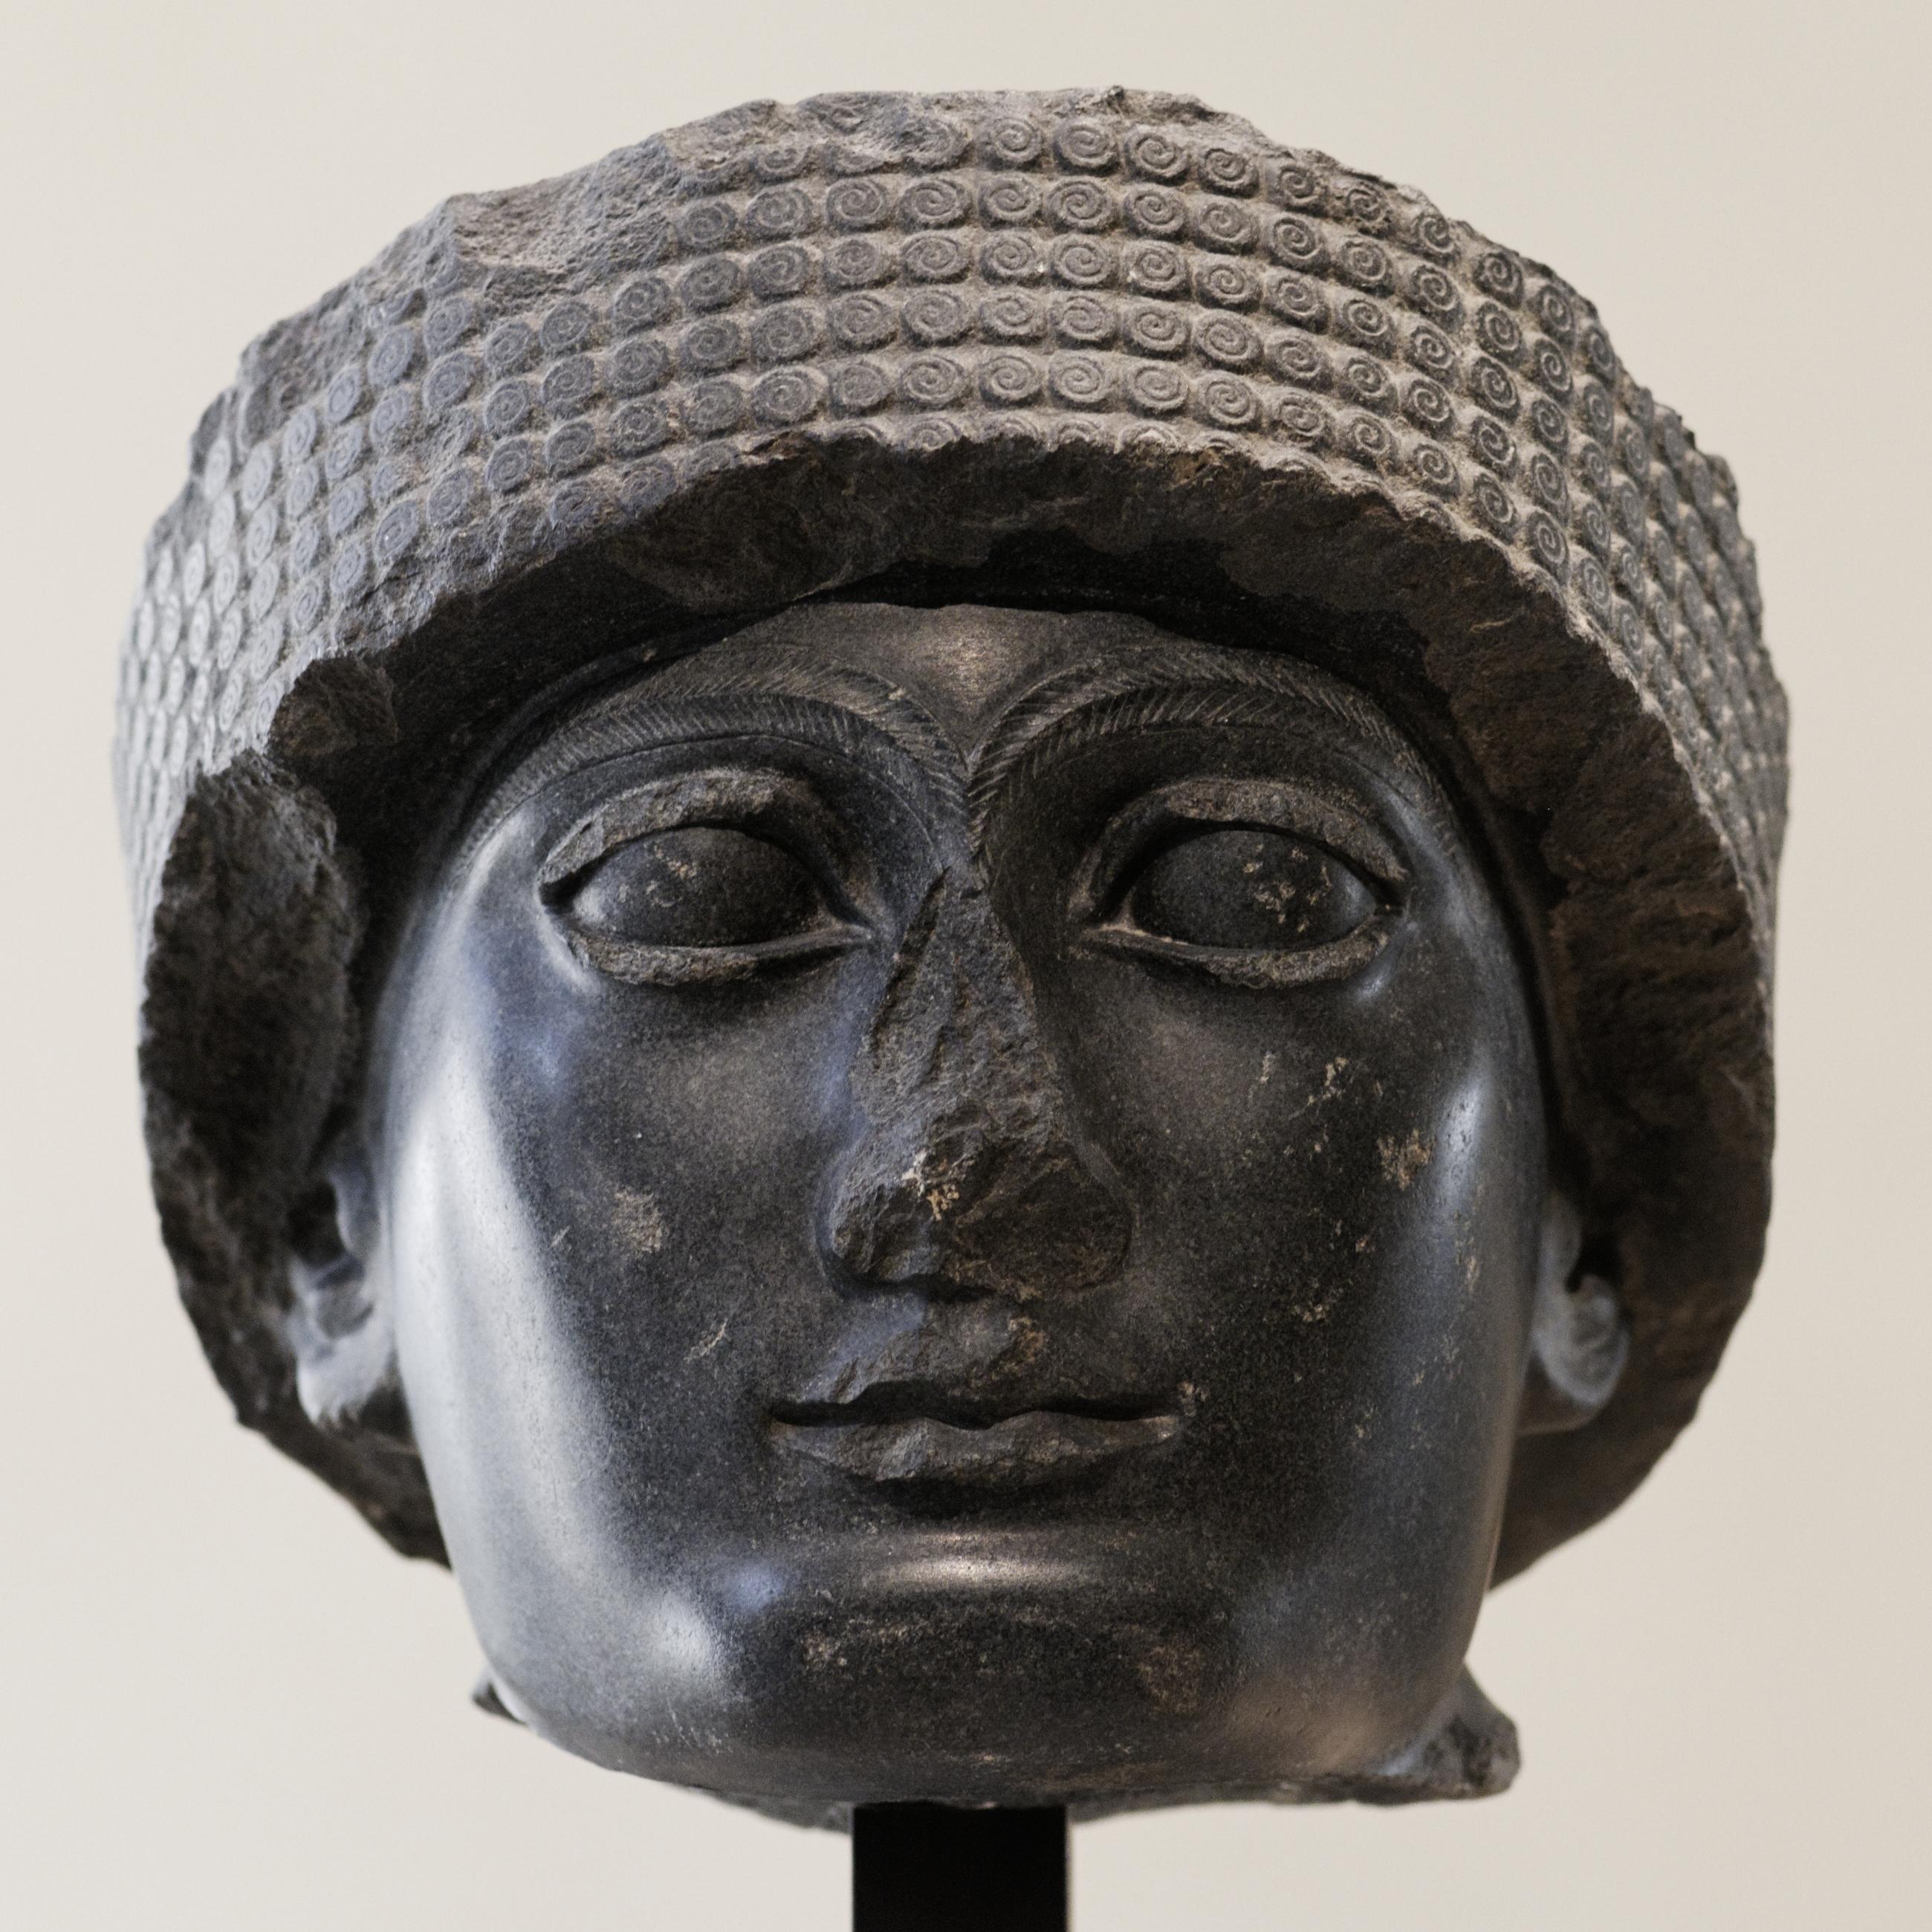 Stilisierte runde Löckchen an der Kopfbedeckung von Gudea, des Prinzen von Lagaš (etwa 2120 v. Chr.)